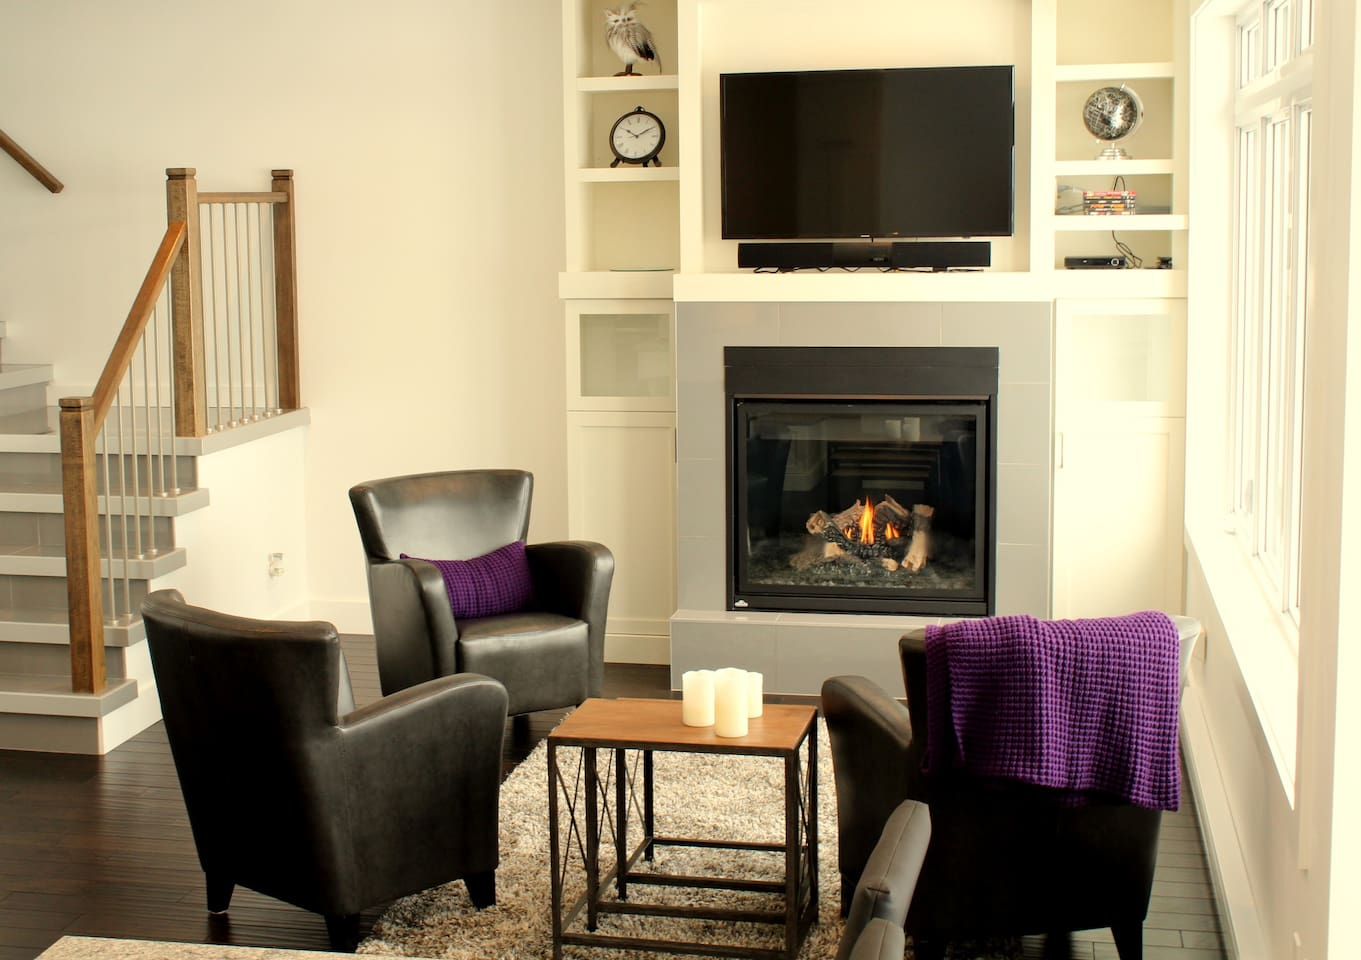 Petit salon avec foyer au propane fonctionnel